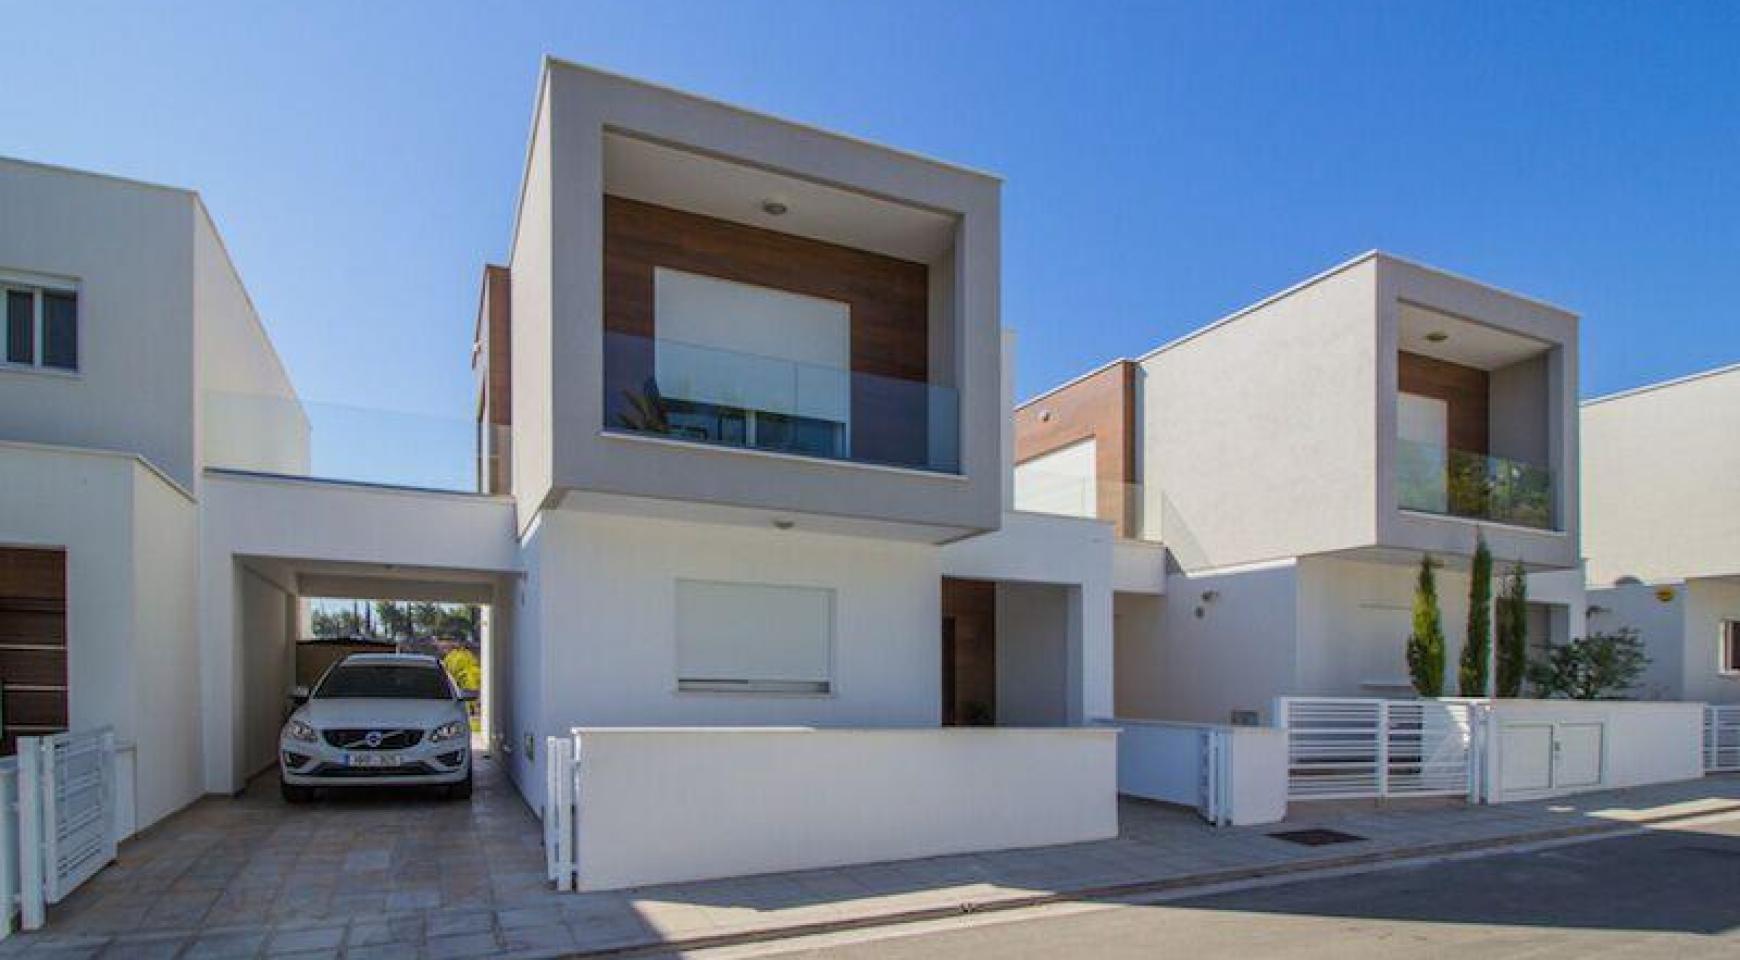 New 3 Bedroom Villa in Ipsonas Area - 1